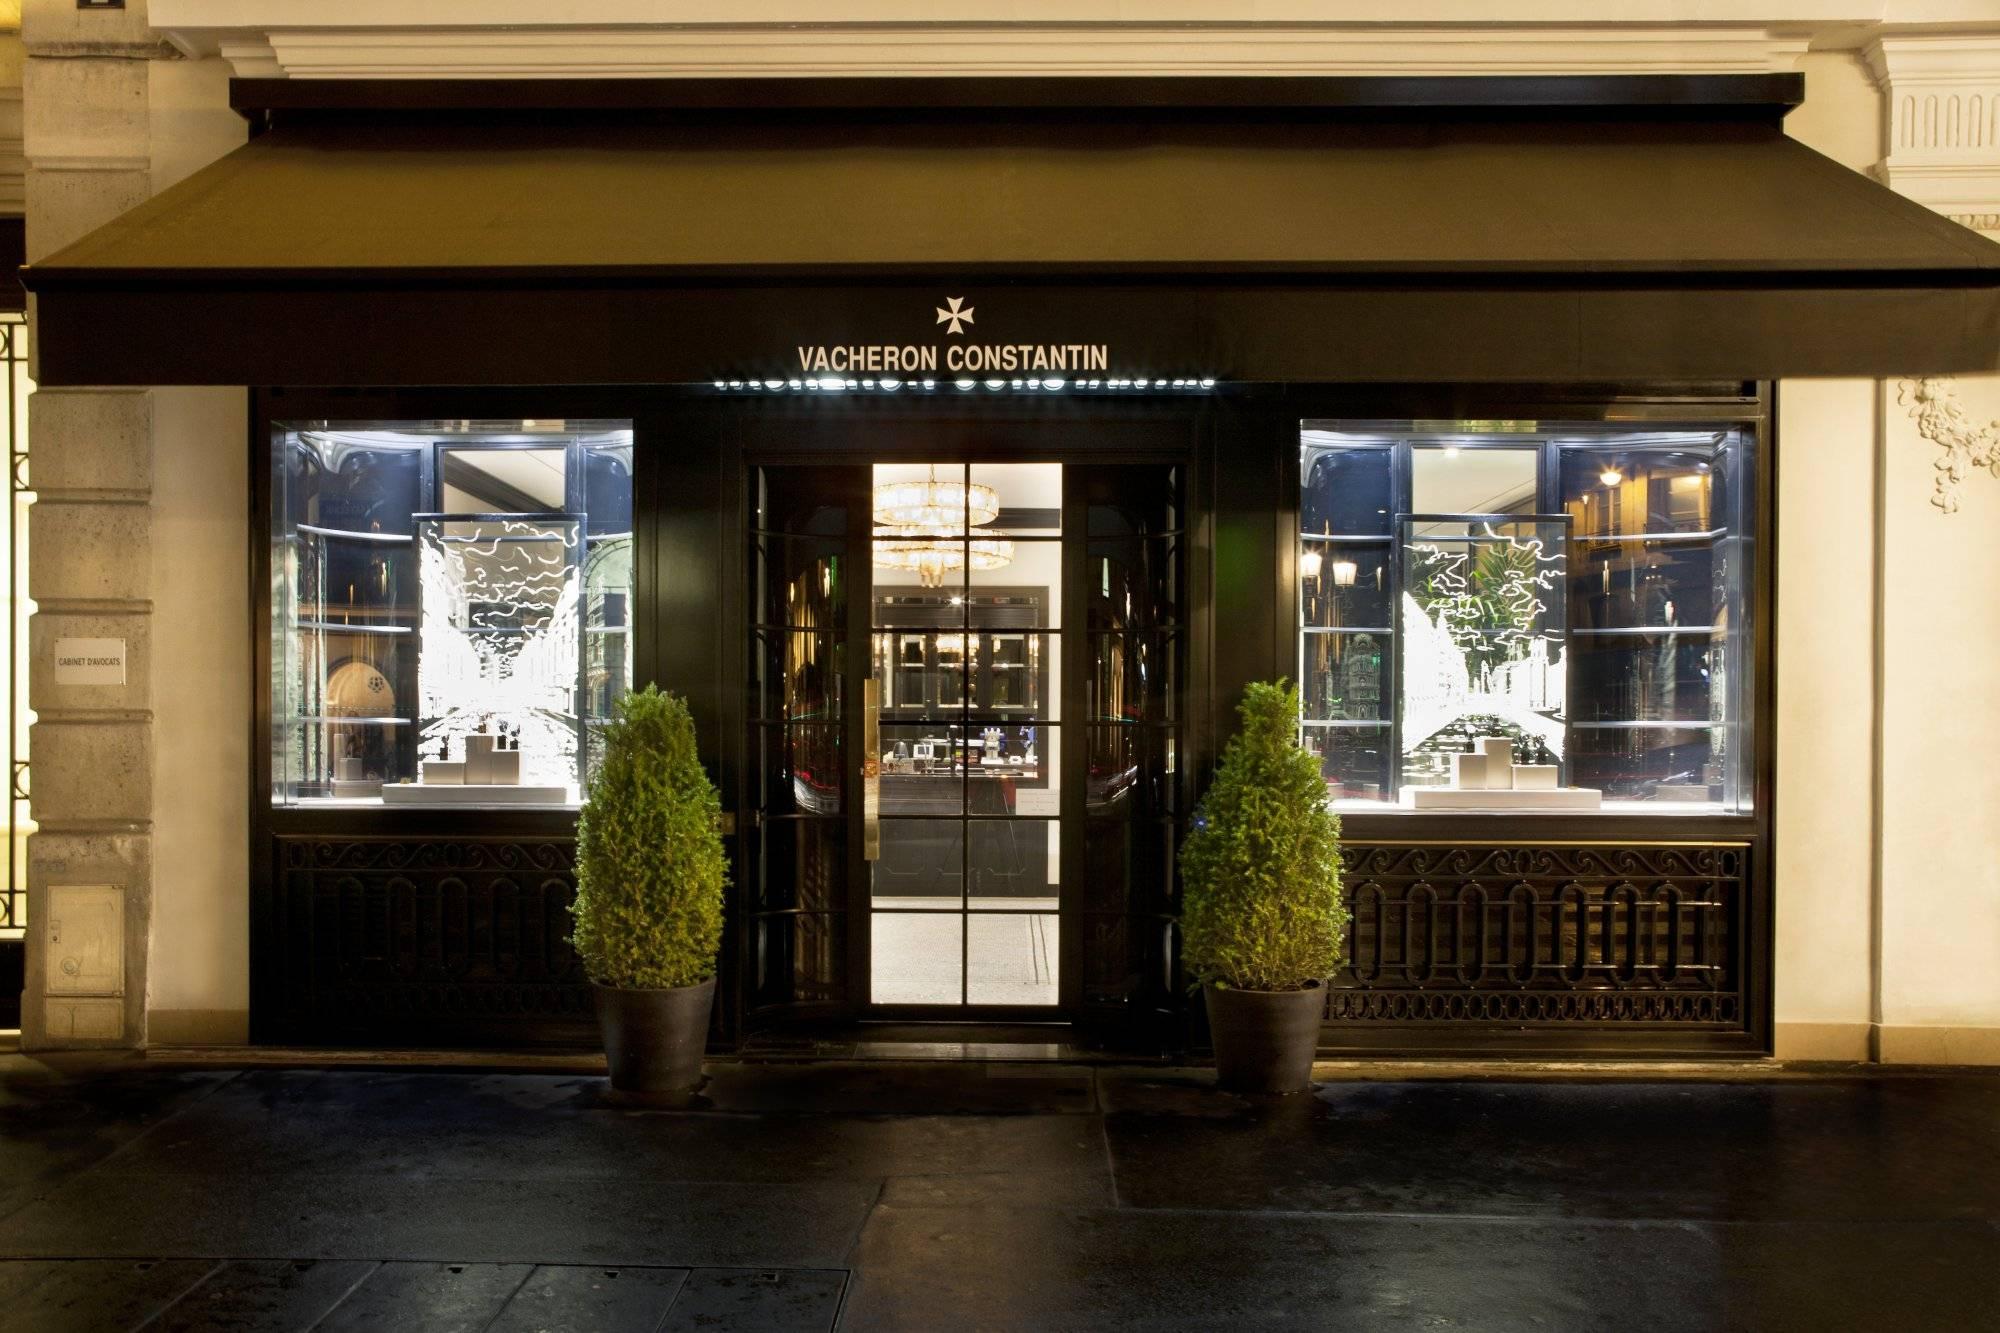 Vacheron Constantin Celebrate New Boutique on Historic Rue de la Paix in Paris